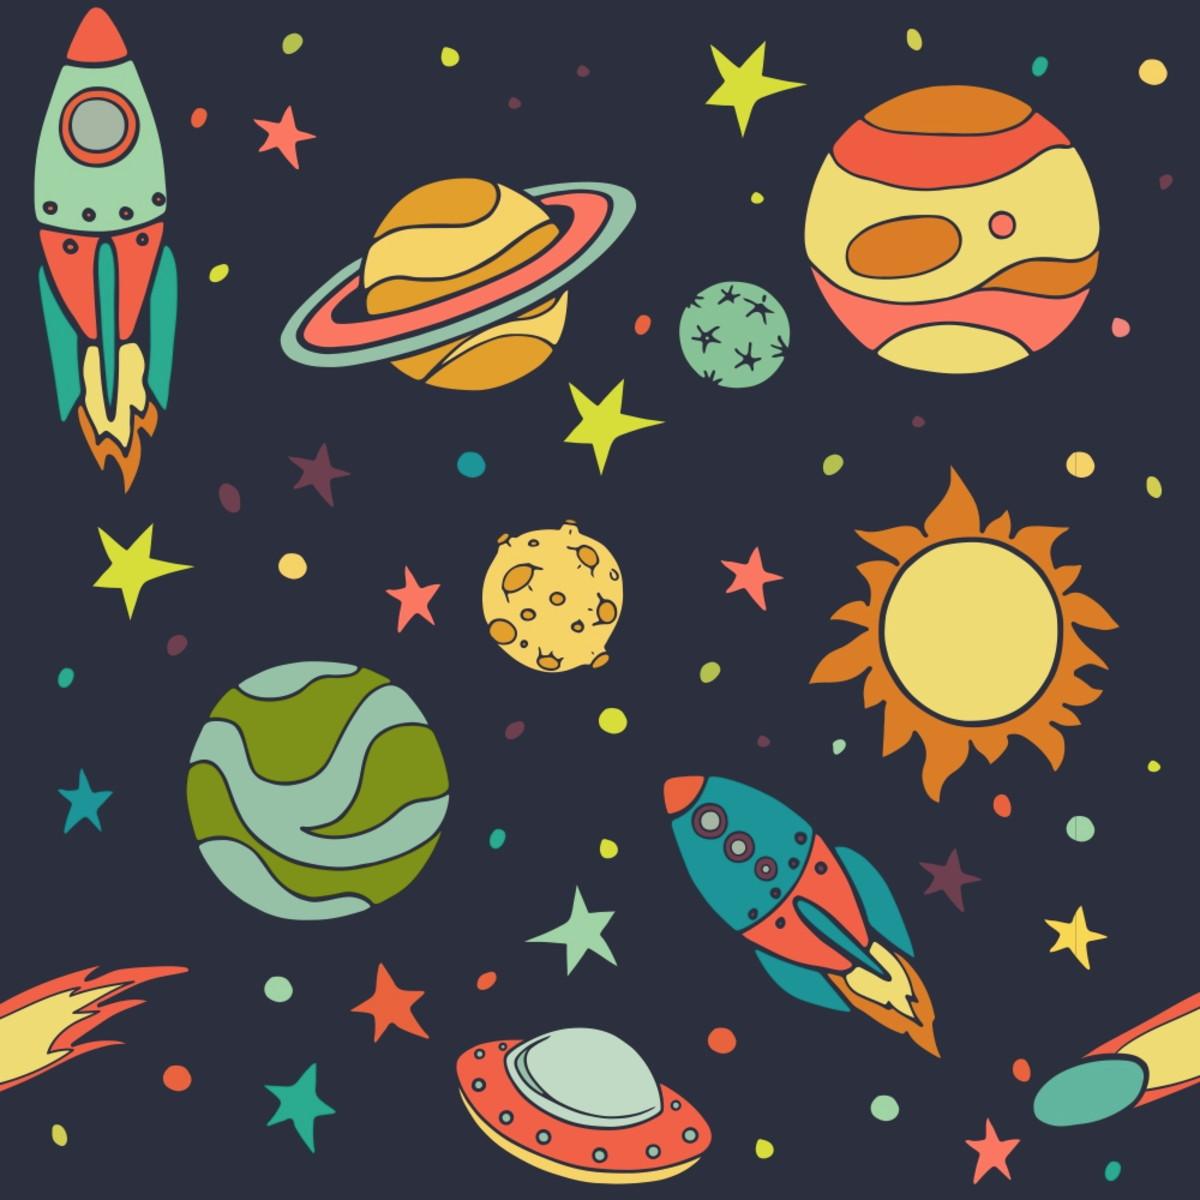 Papel Parede Foguete Planetas Espaço Quarto 3m Ppi284